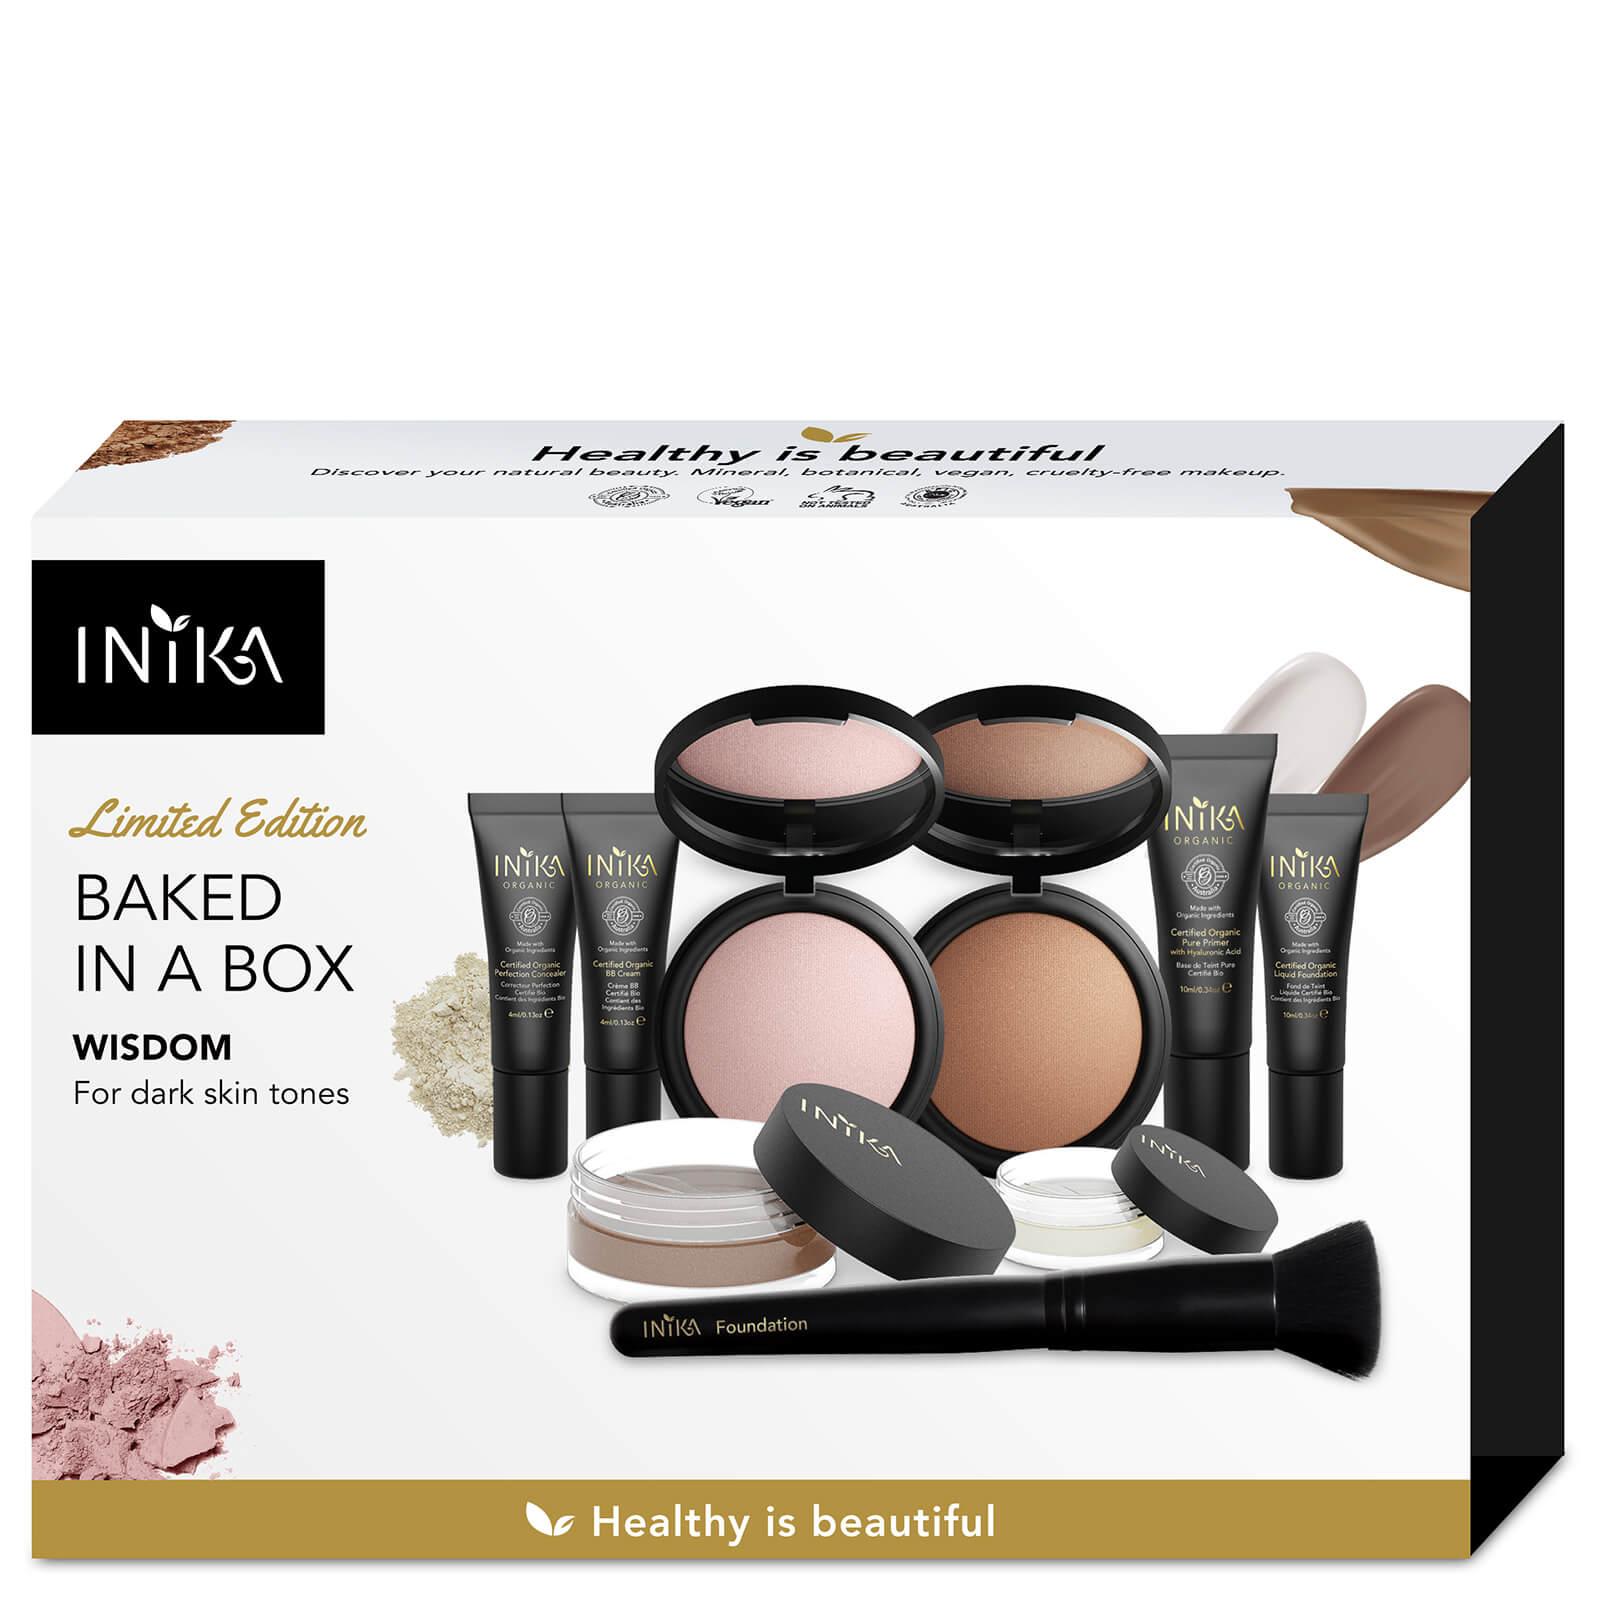 INIKA Kit de Produits Essentiels Baked in a Box INIKA – Wisdom